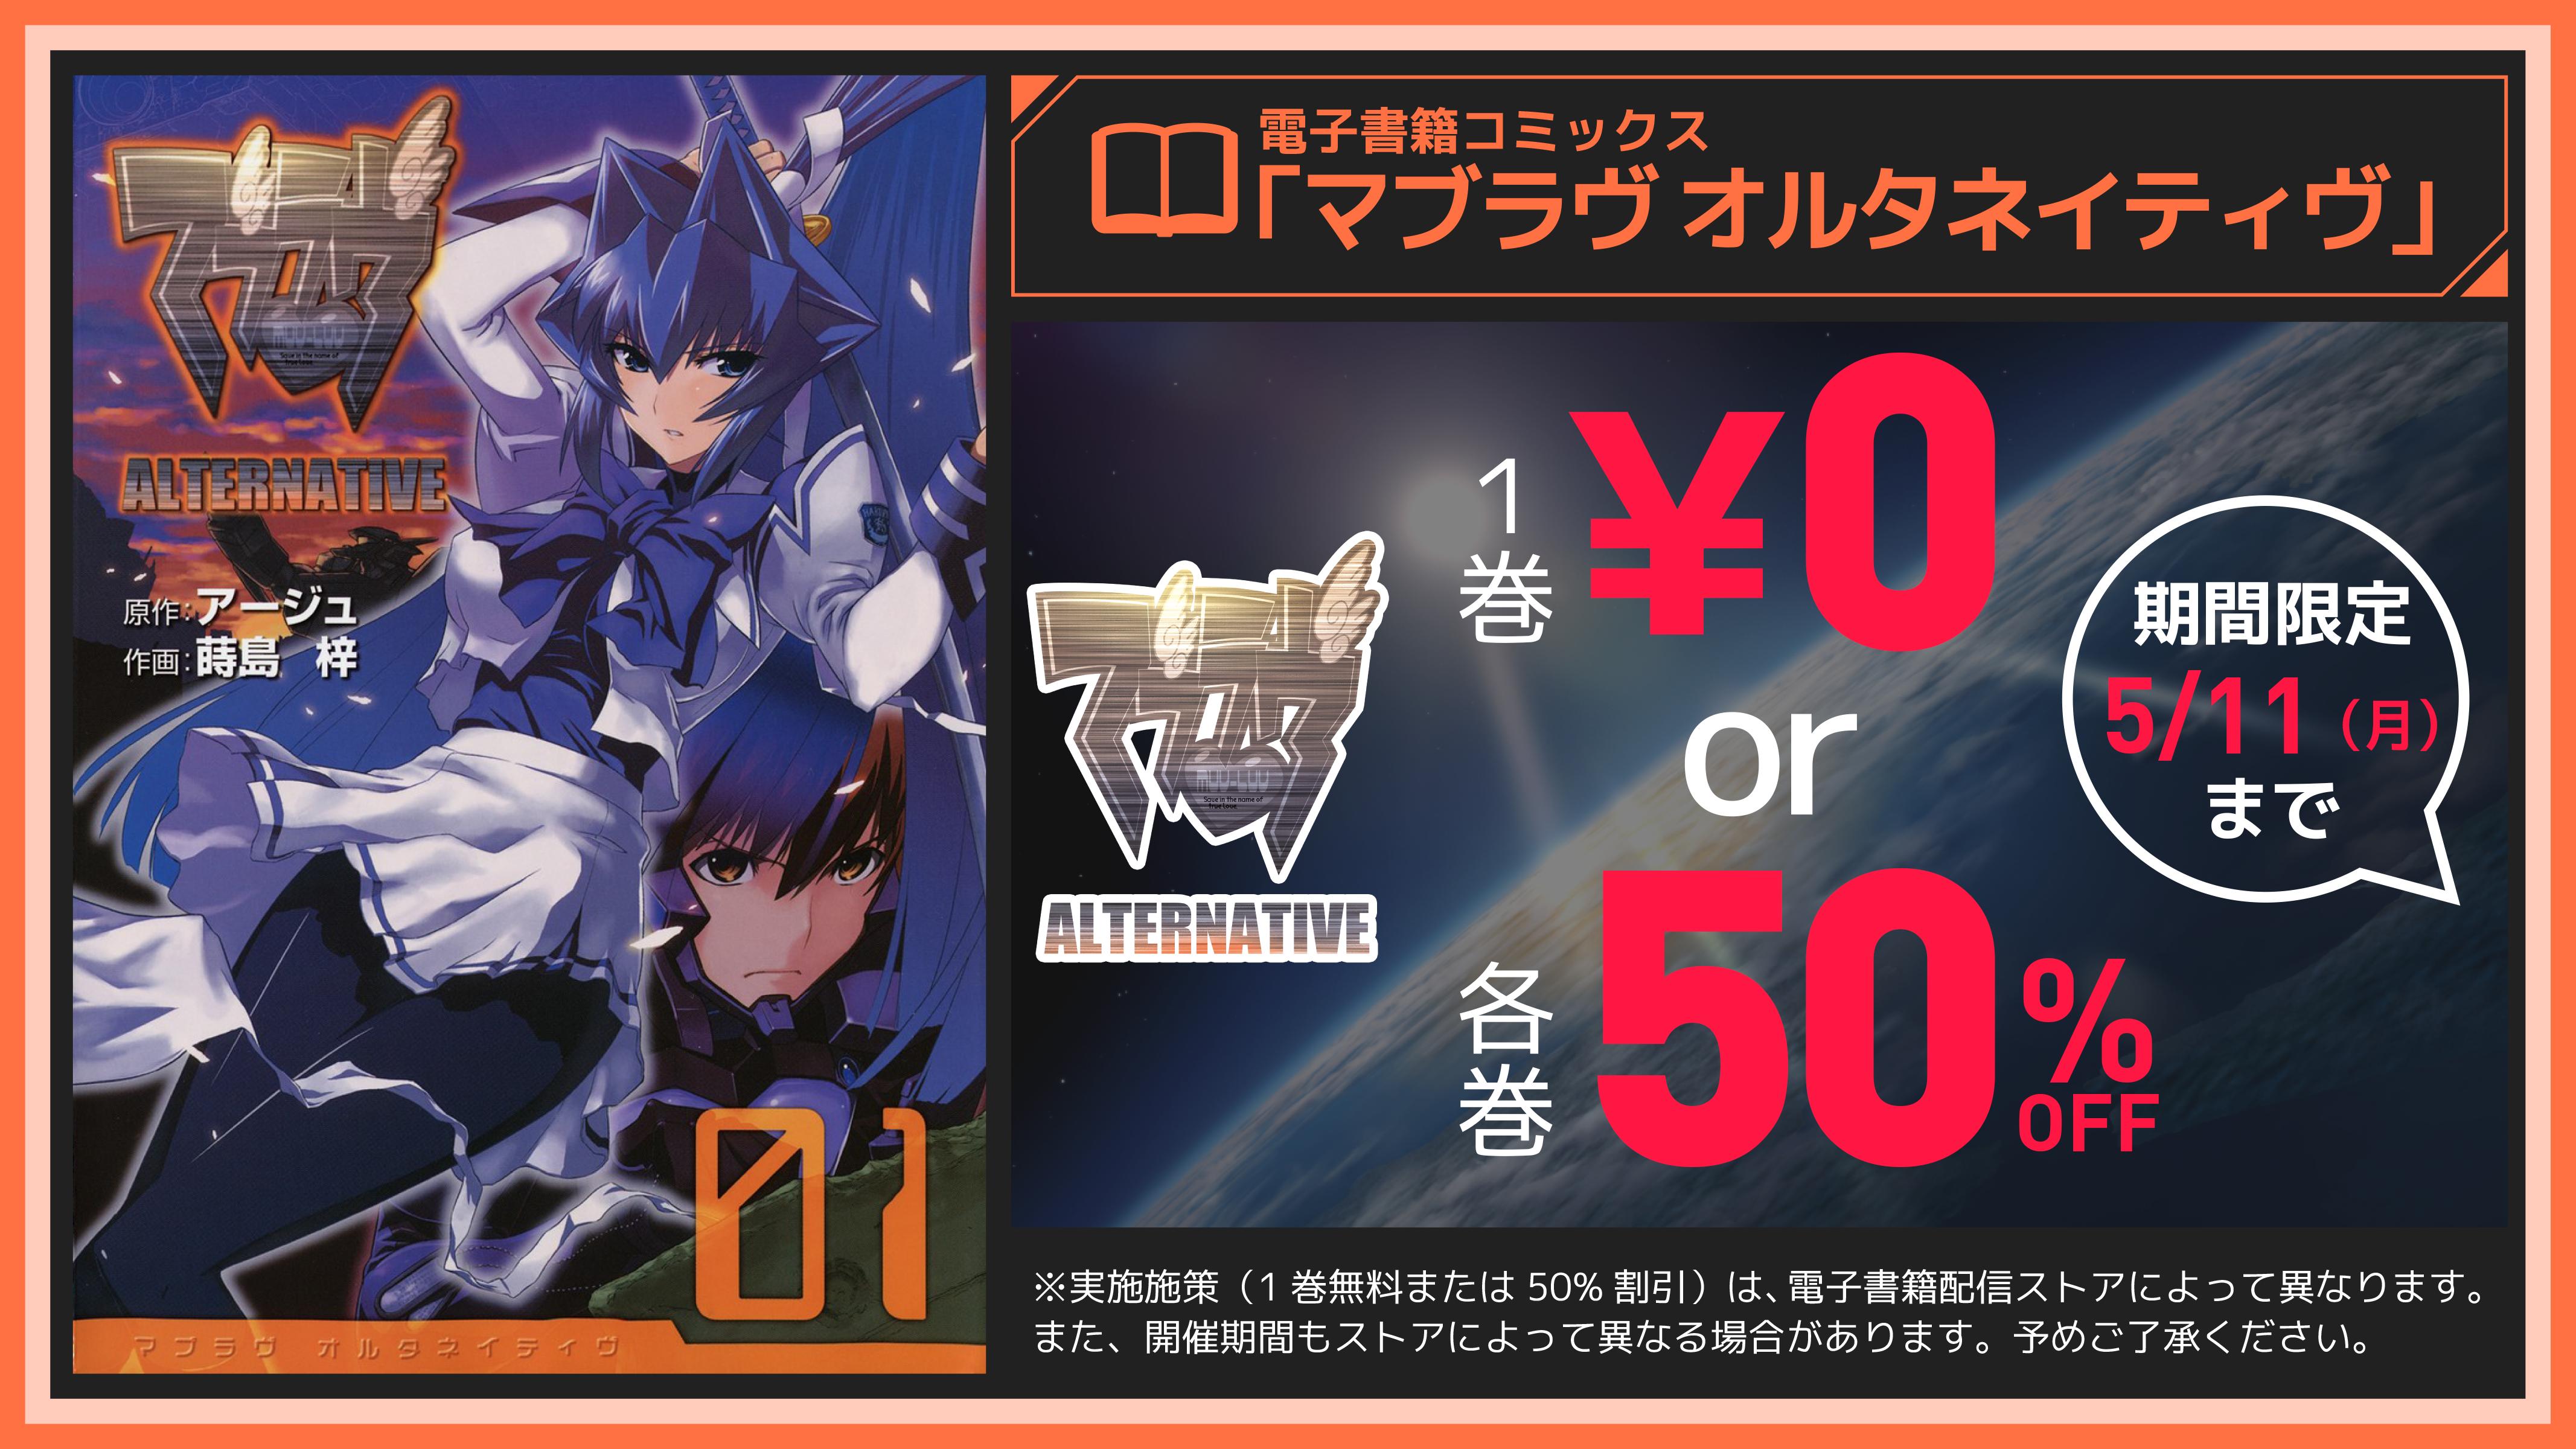 電子書籍版コミックス『マブラヴ オルタネイティヴ』が期間限定で1巻無料 or 50%OFF!